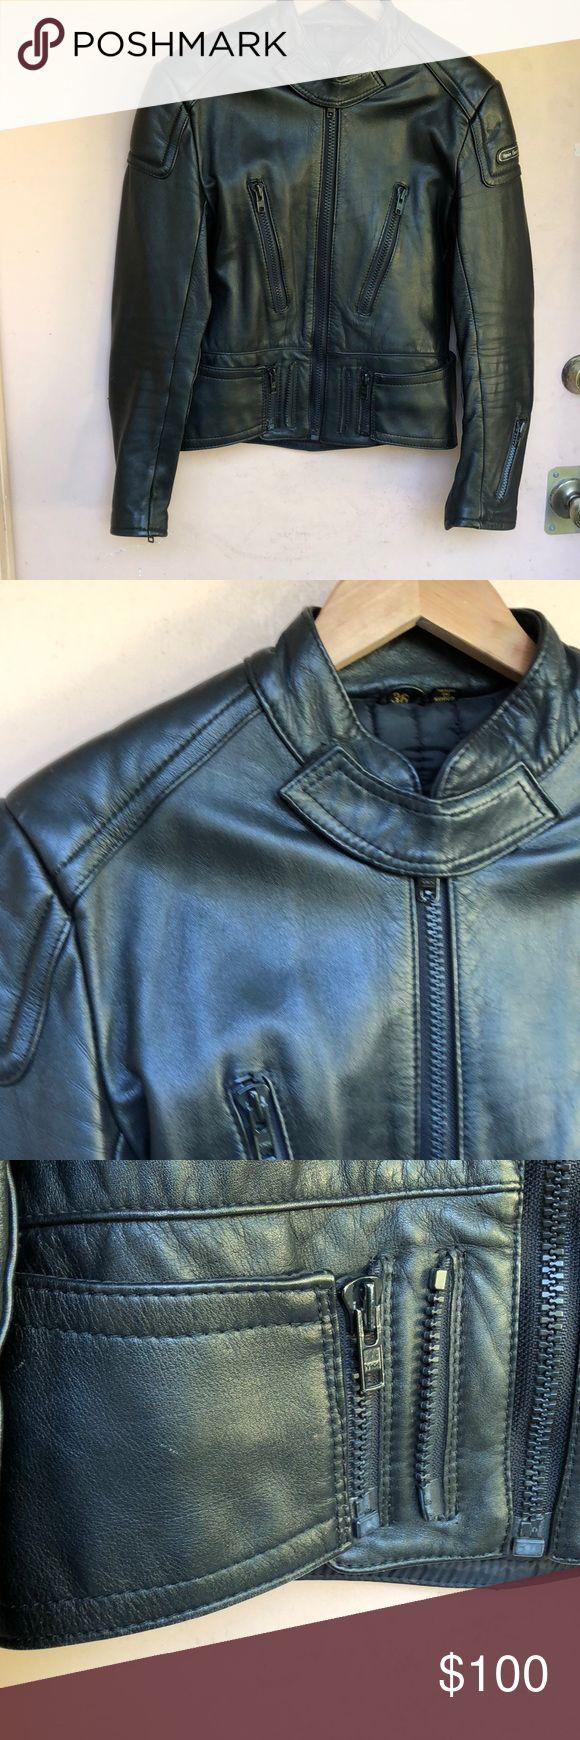 Hein Gericke Moto Leather Jacket This is a true biker